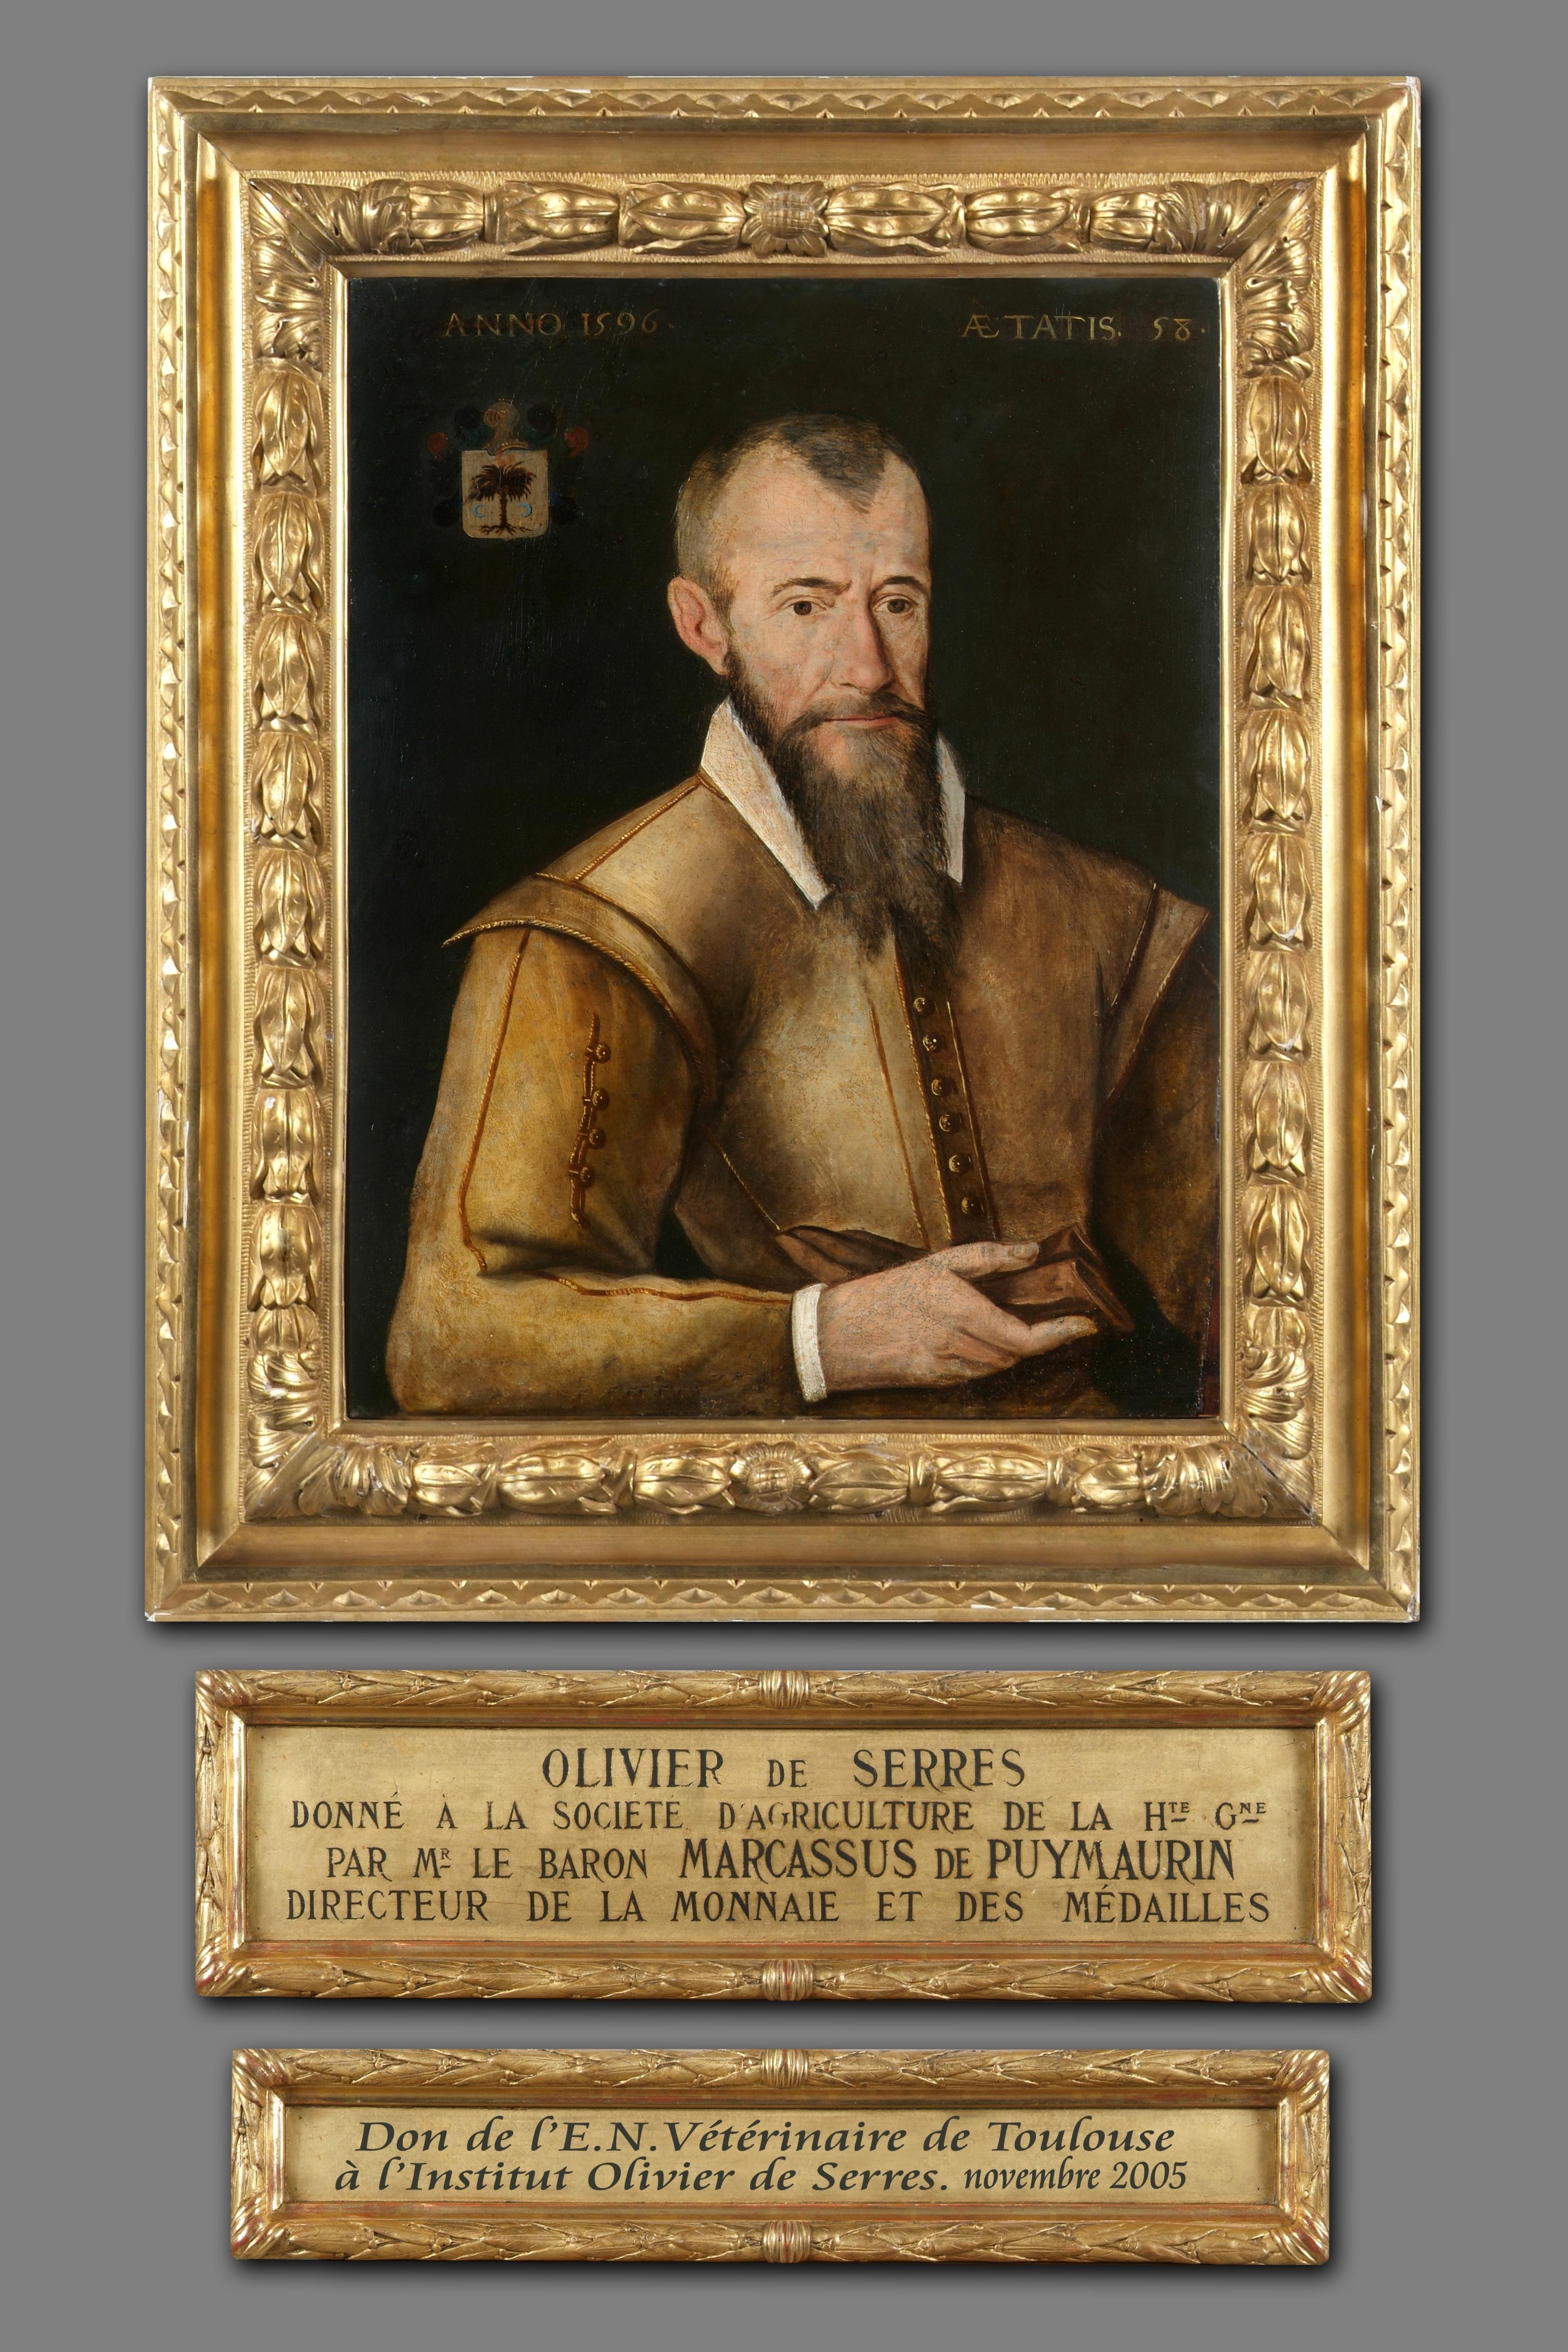 Portrait retrouvé à l'École vétérinaire de Toulouse